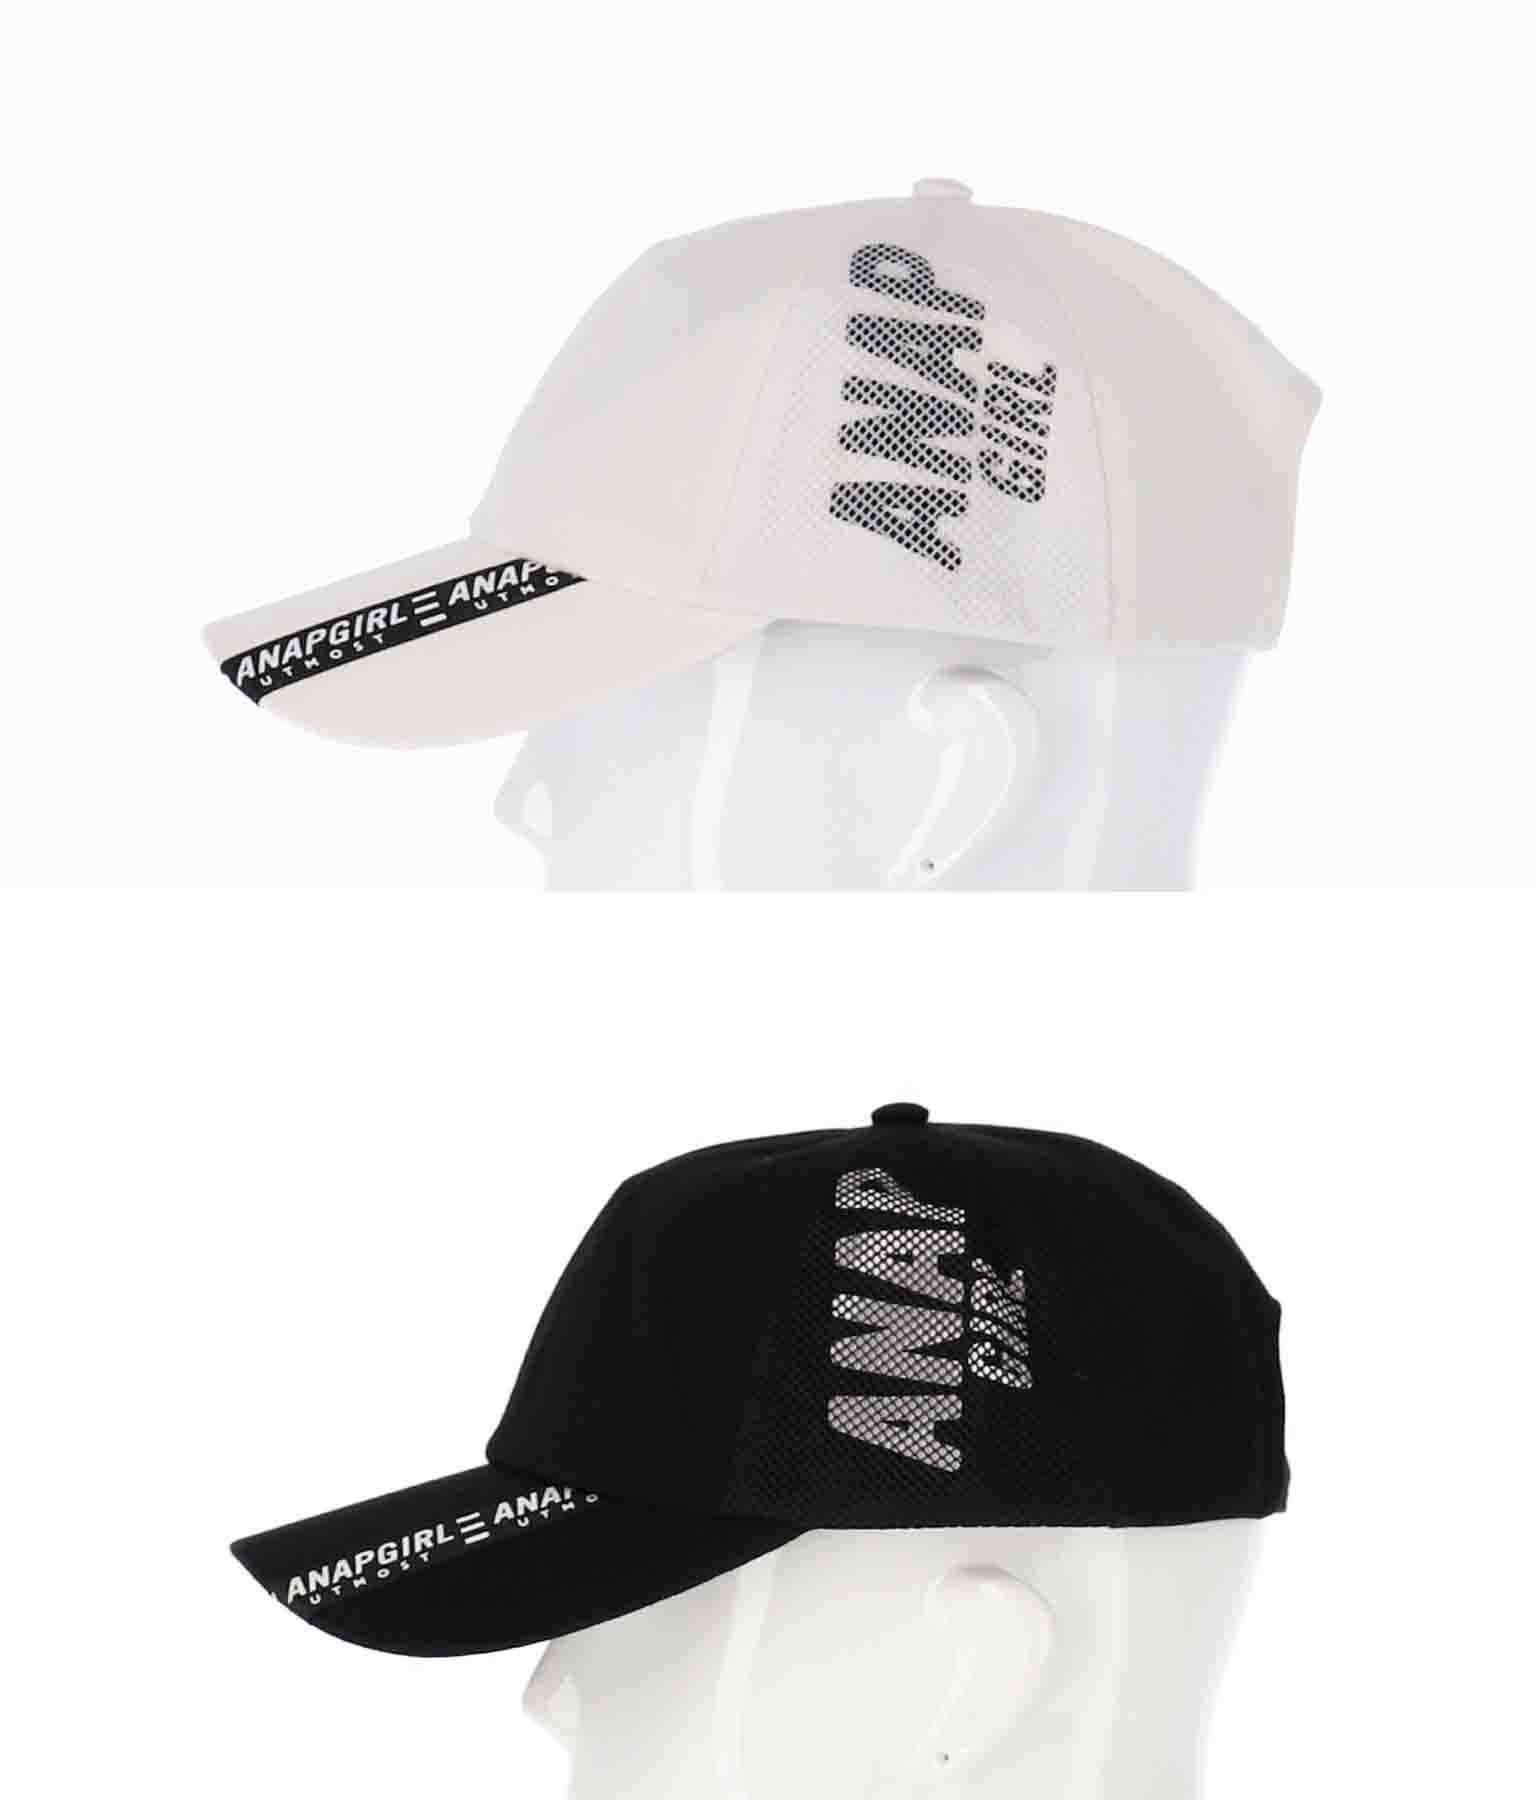 メッシュ切替キャップ(ファッション雑貨/ハット・キャップ・ニット帽 ・キャスケット・ベレー帽) | ANAP GiRL